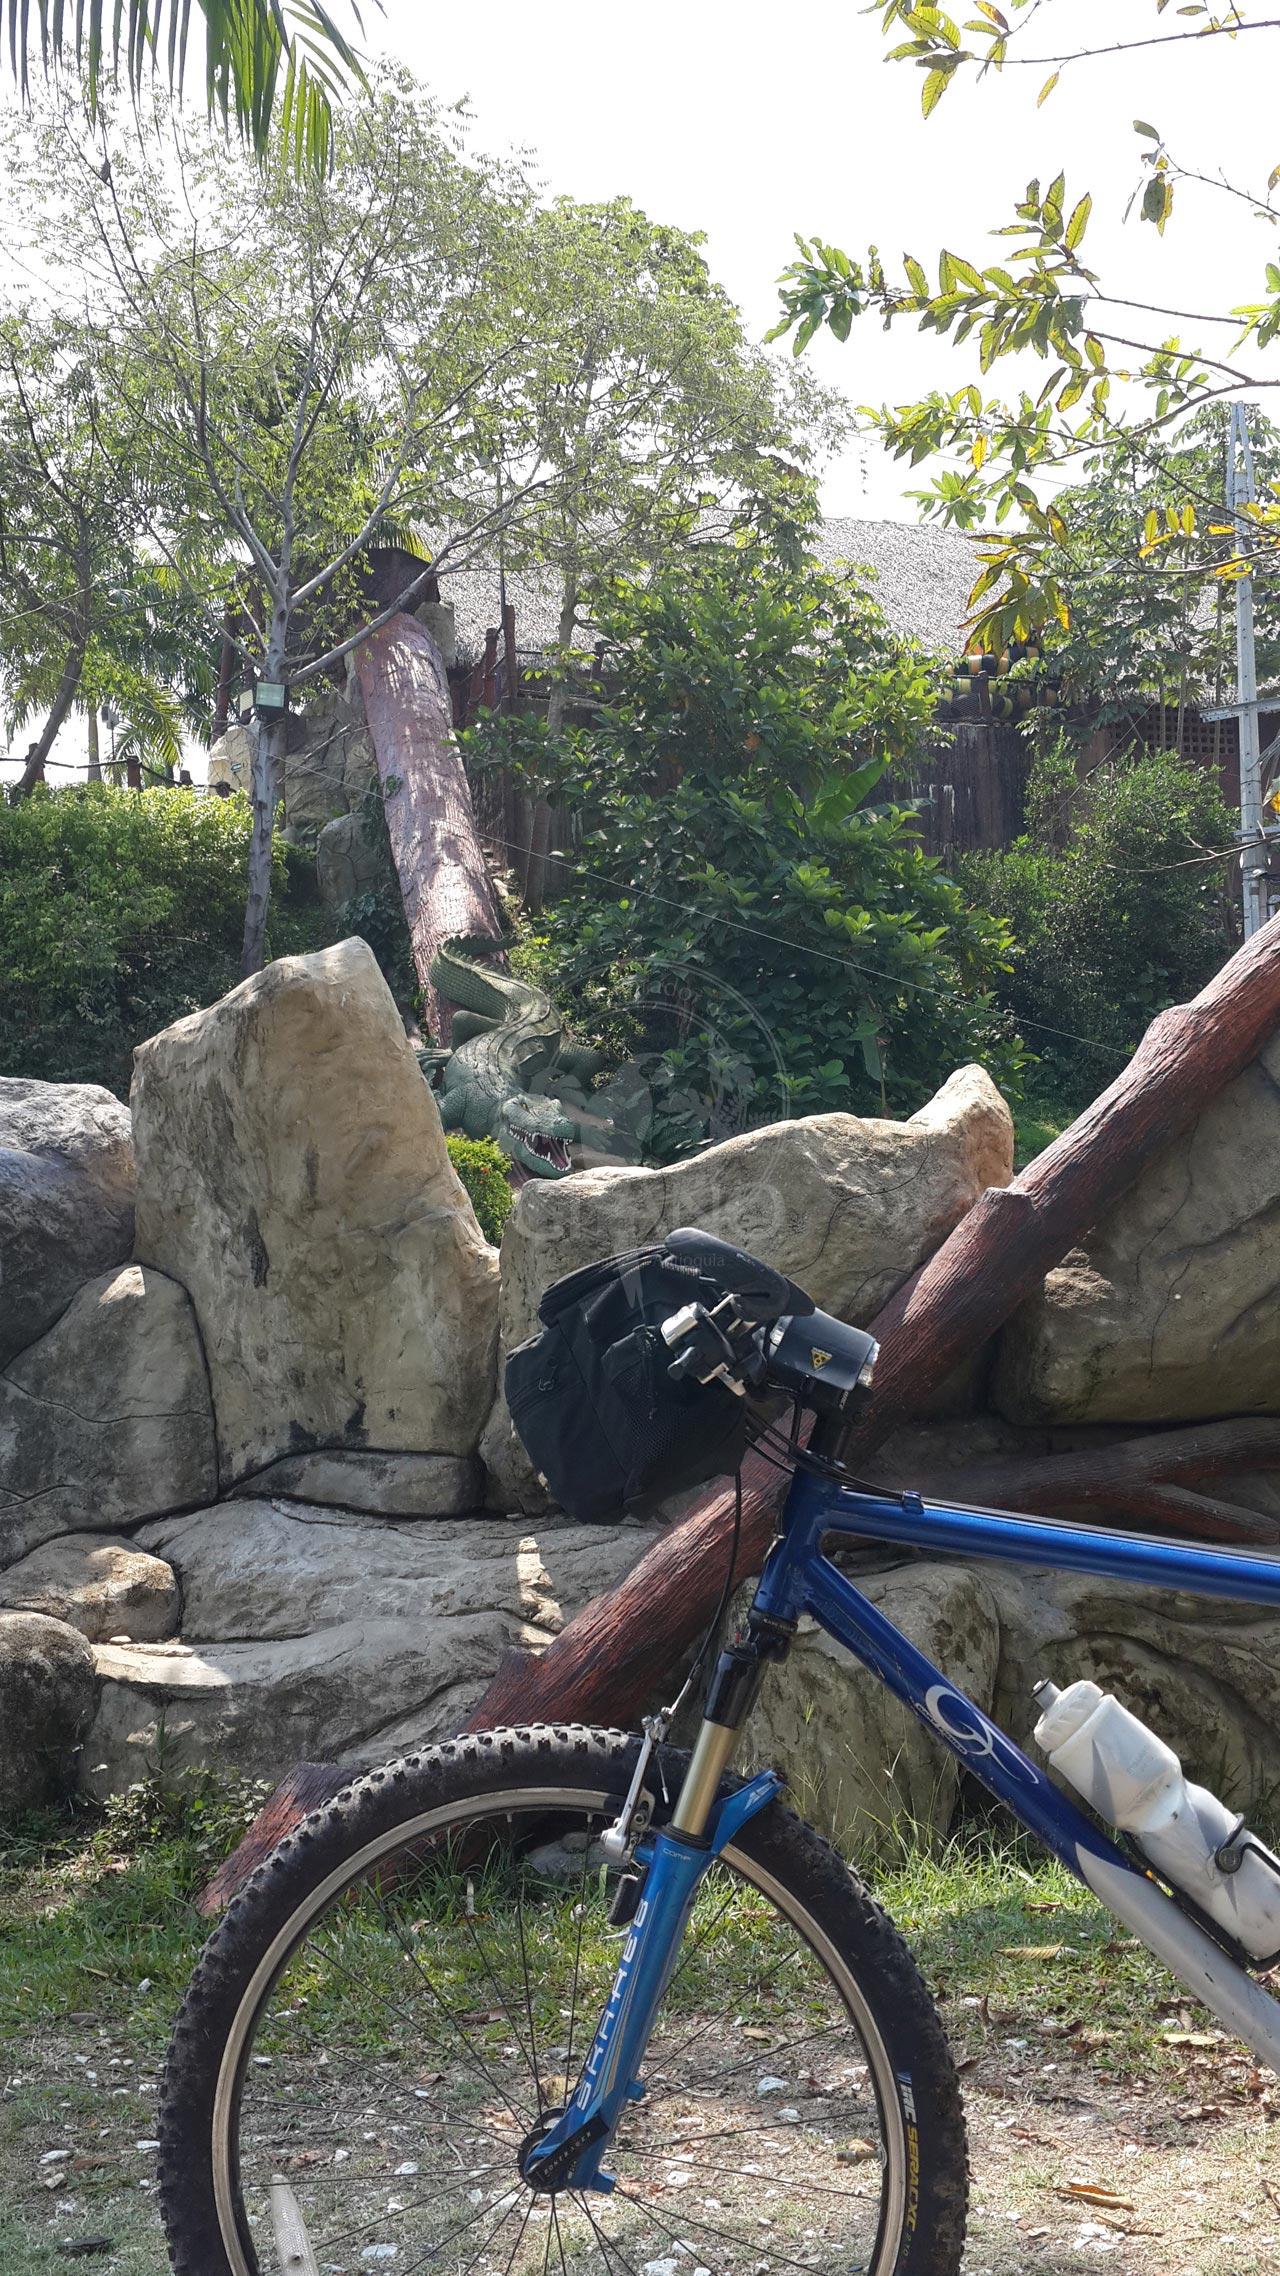 Al parque en Bici Parque Temático Hacienda Nápoles Hotel & Restaurante Parador del Gitano